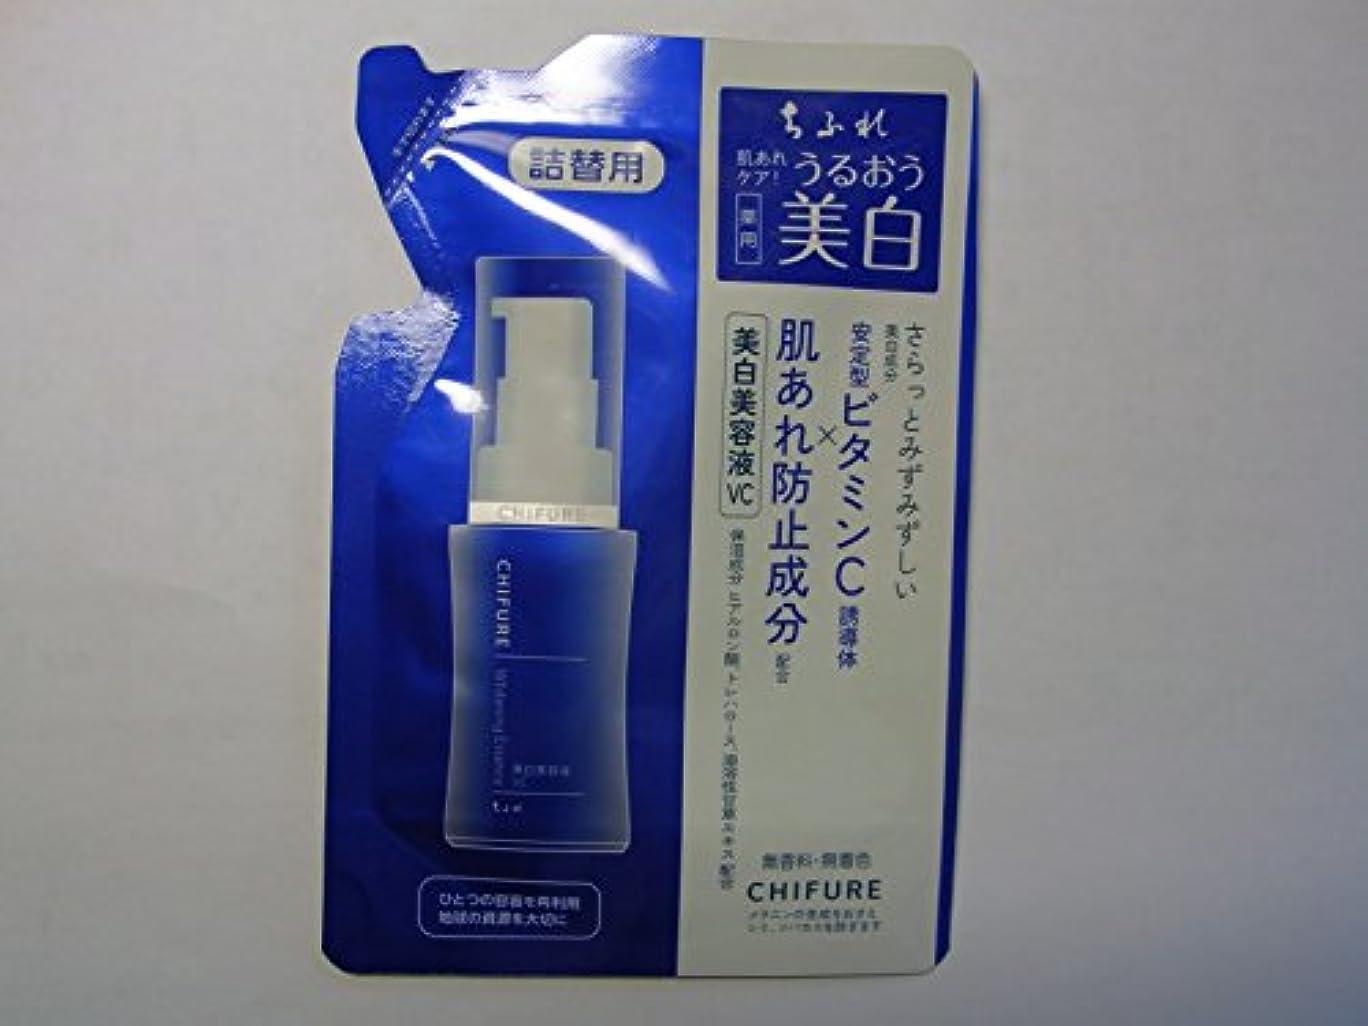 割り込み埋め込むビデオちふれ化粧品 美白美容液 VC 詰替 30ML (医薬部外品)